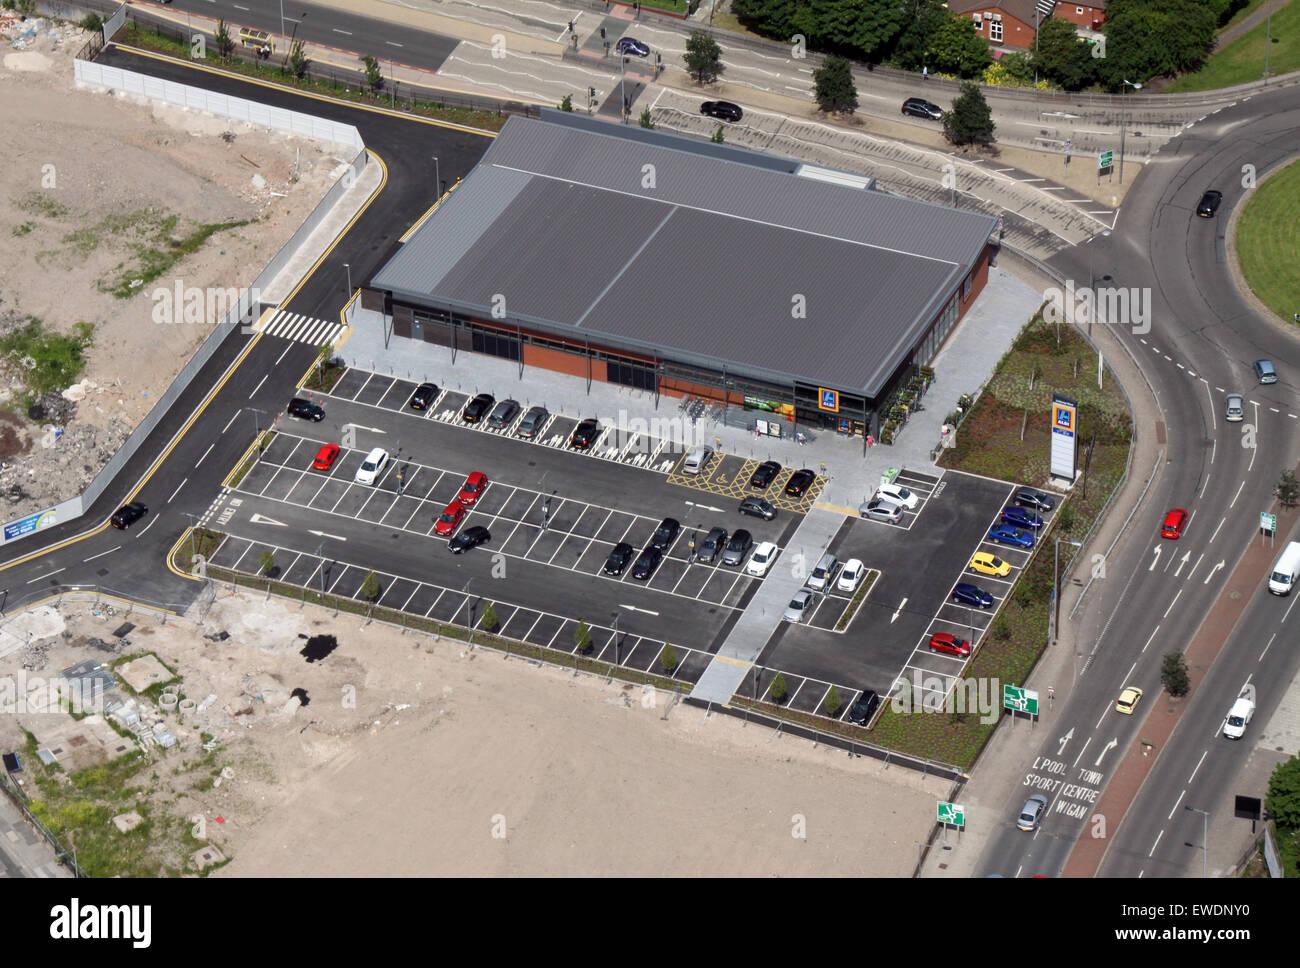 Vue aérienne d'un supermarché Aldi magasin, UK Photo Stock